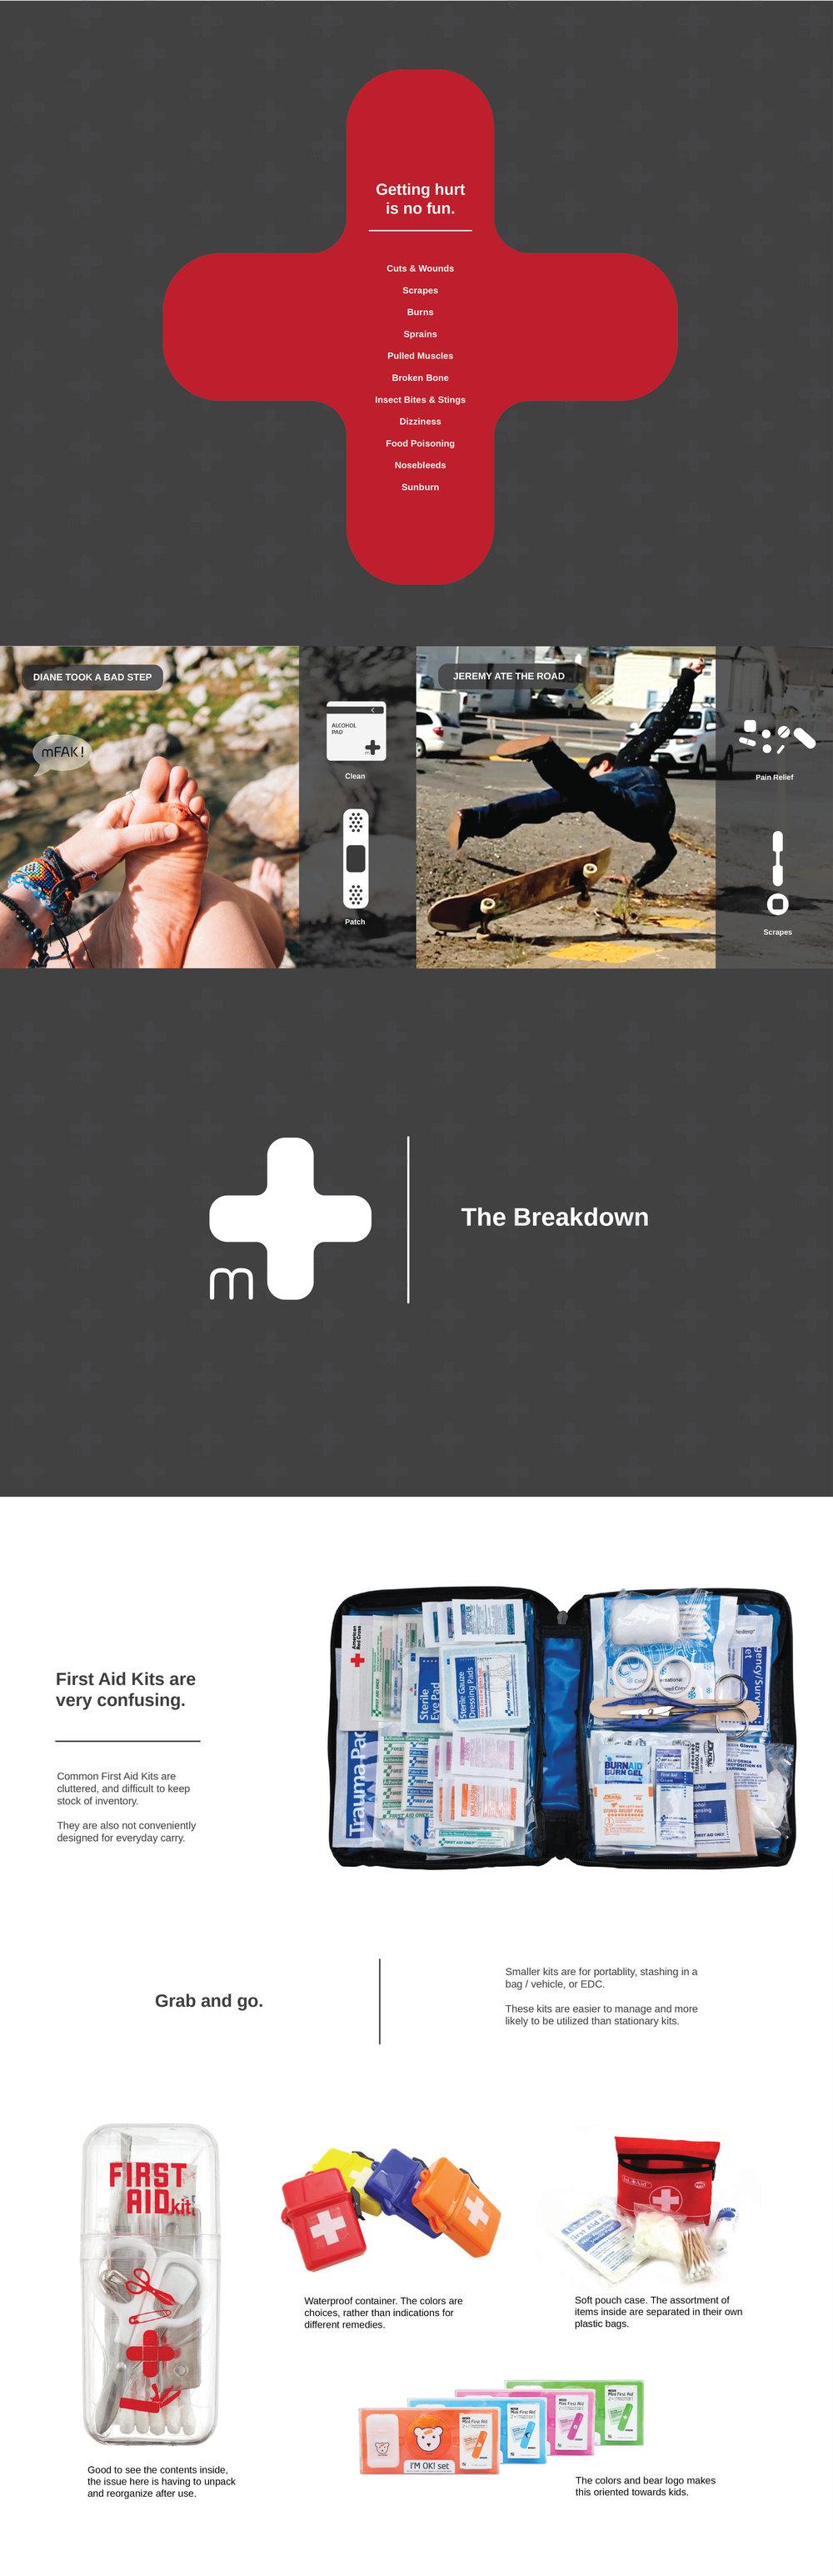 mFAK-v3-presentation2.jpg